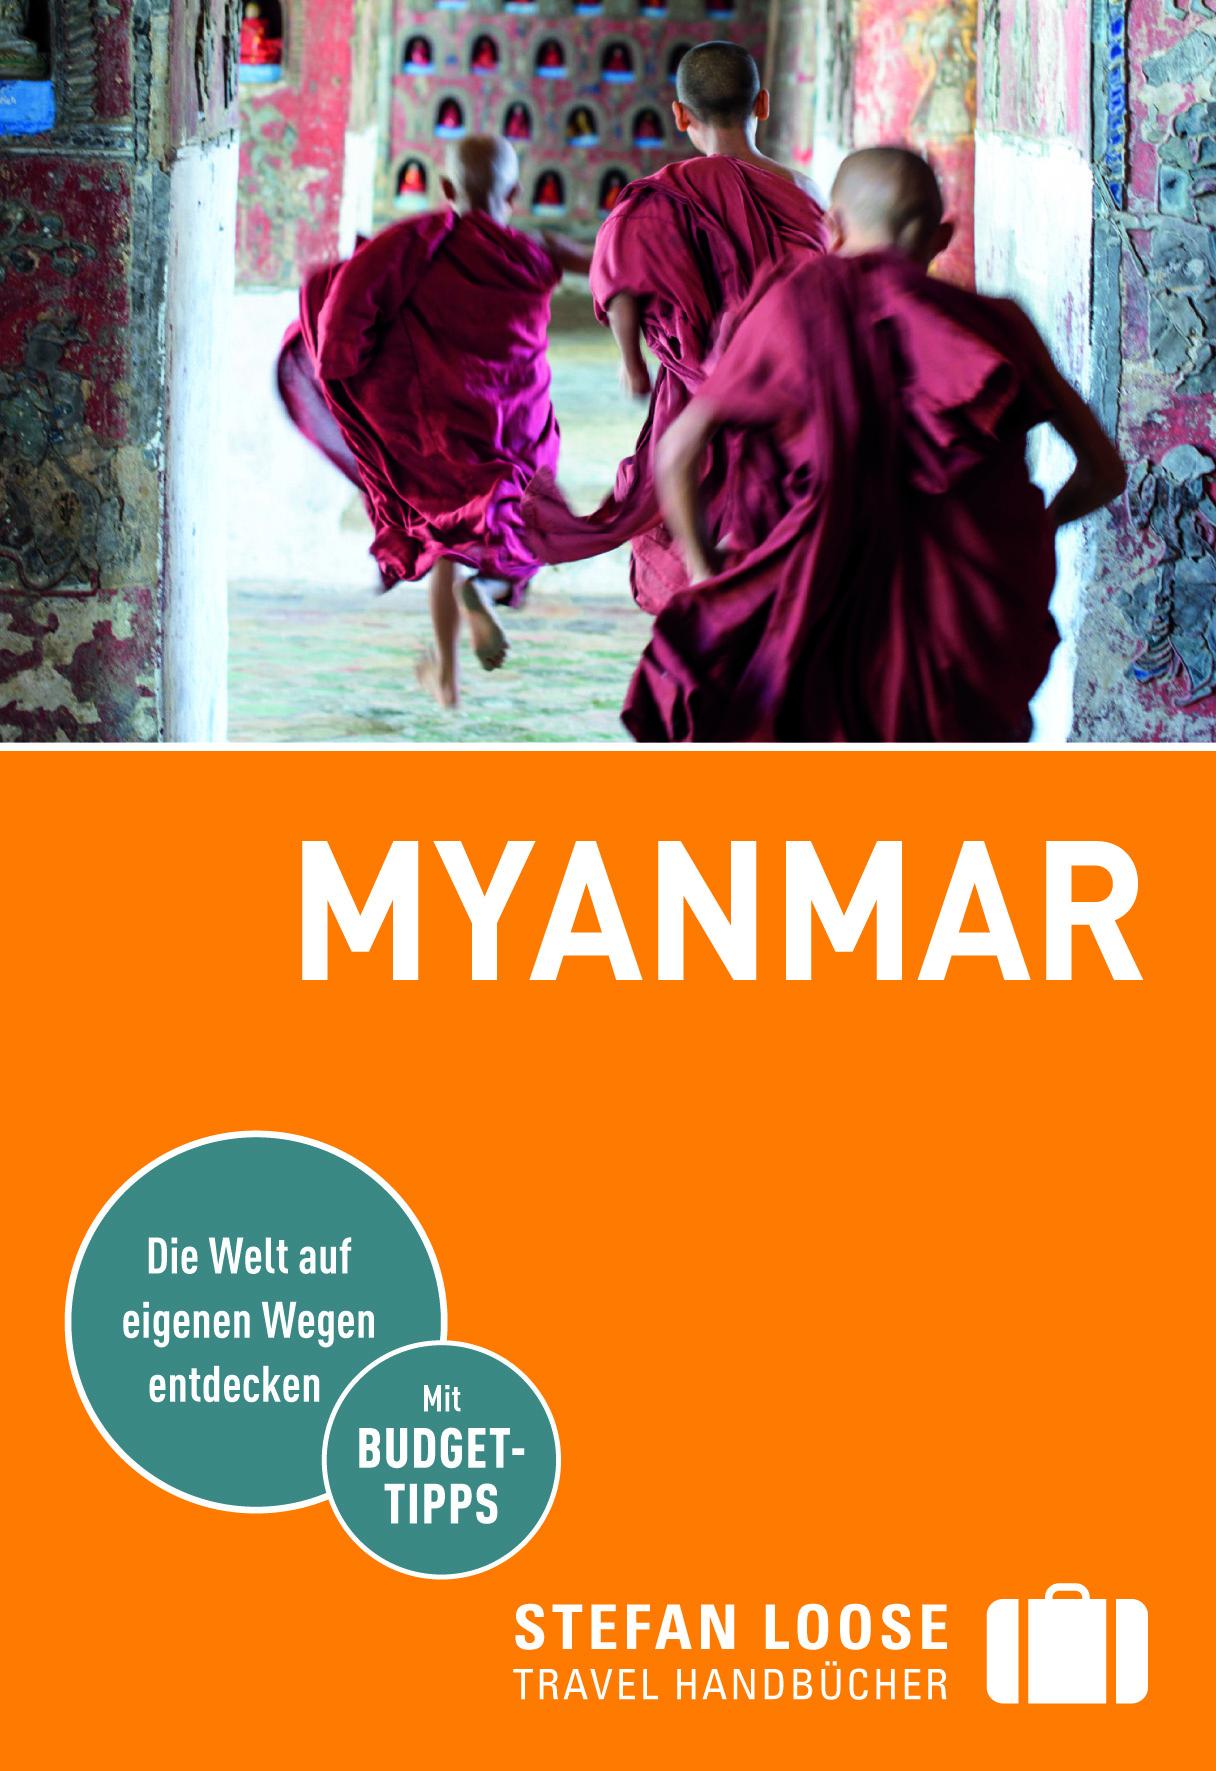 Stefan Loose - Myanmar (Cover)